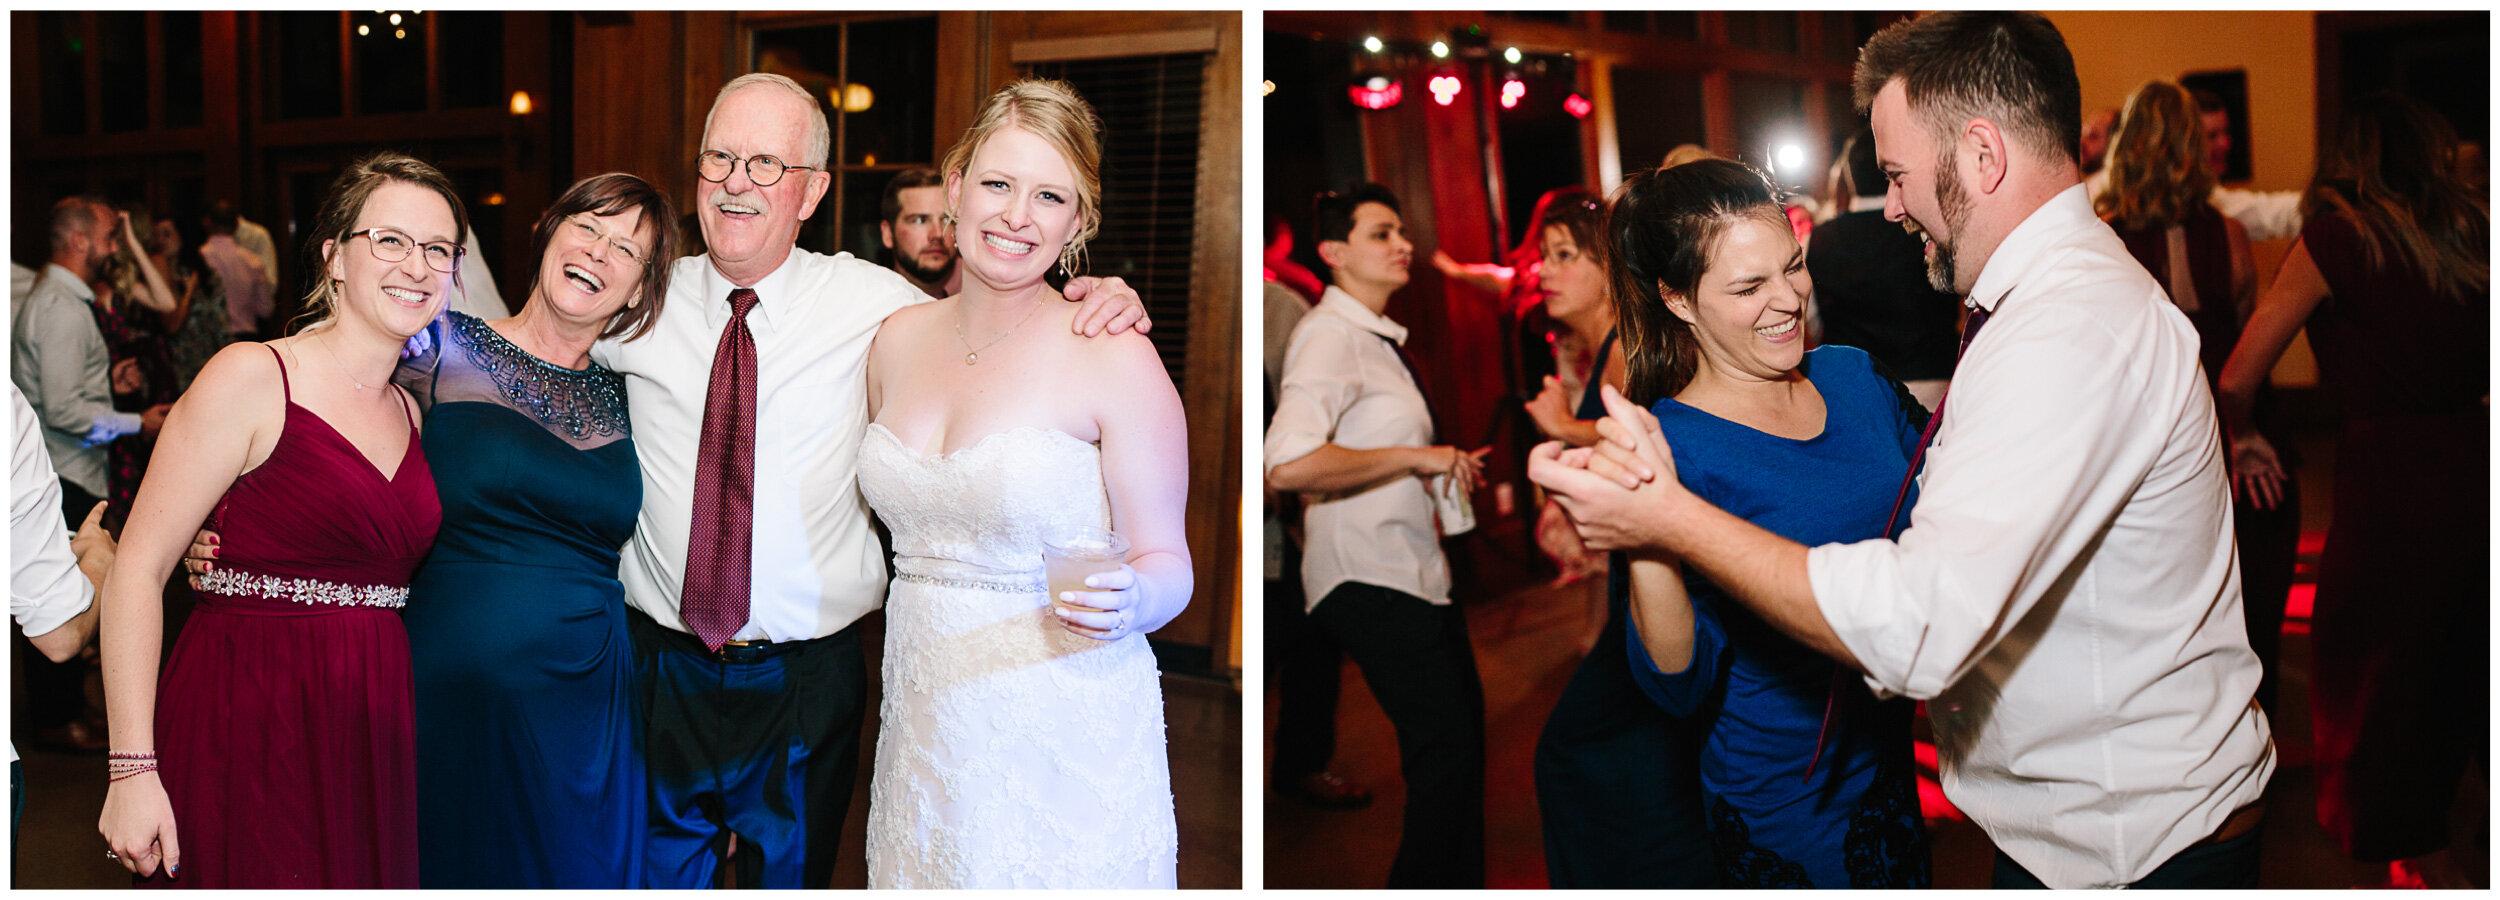 vail_wedding_124.jpg